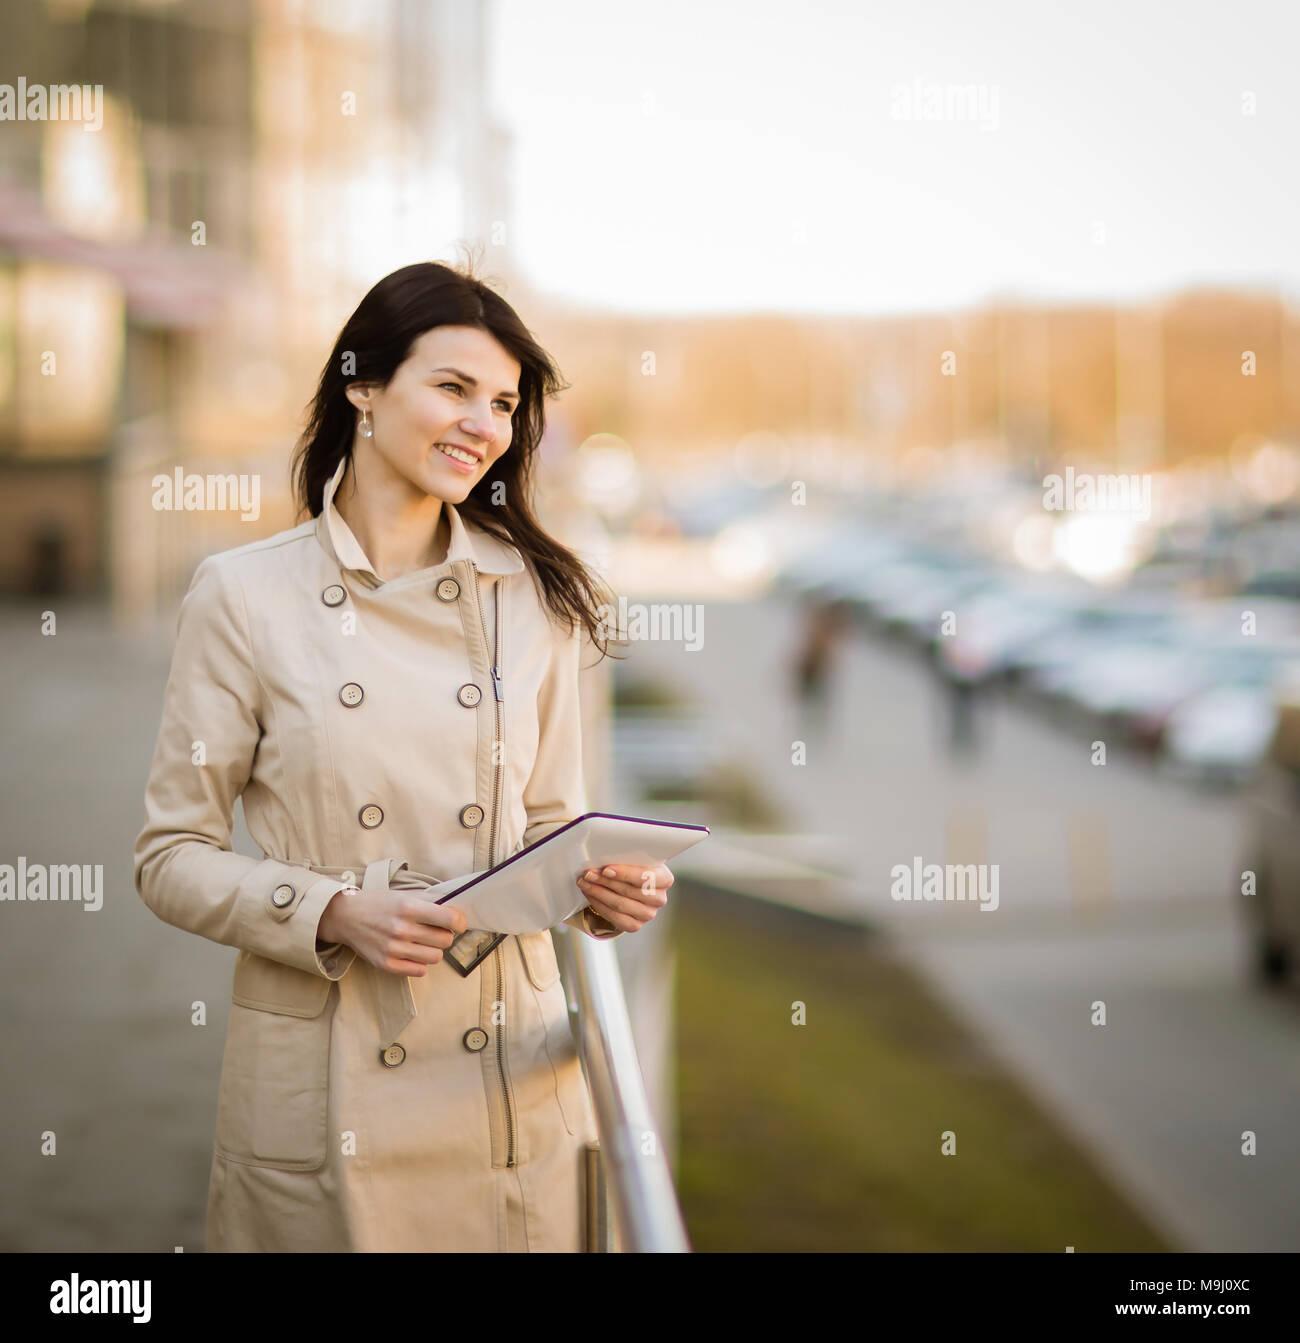 Die moderne Geschäftsfrau, die auf einem digitalen Tablet, neben einem Bürogebäude Stockbild